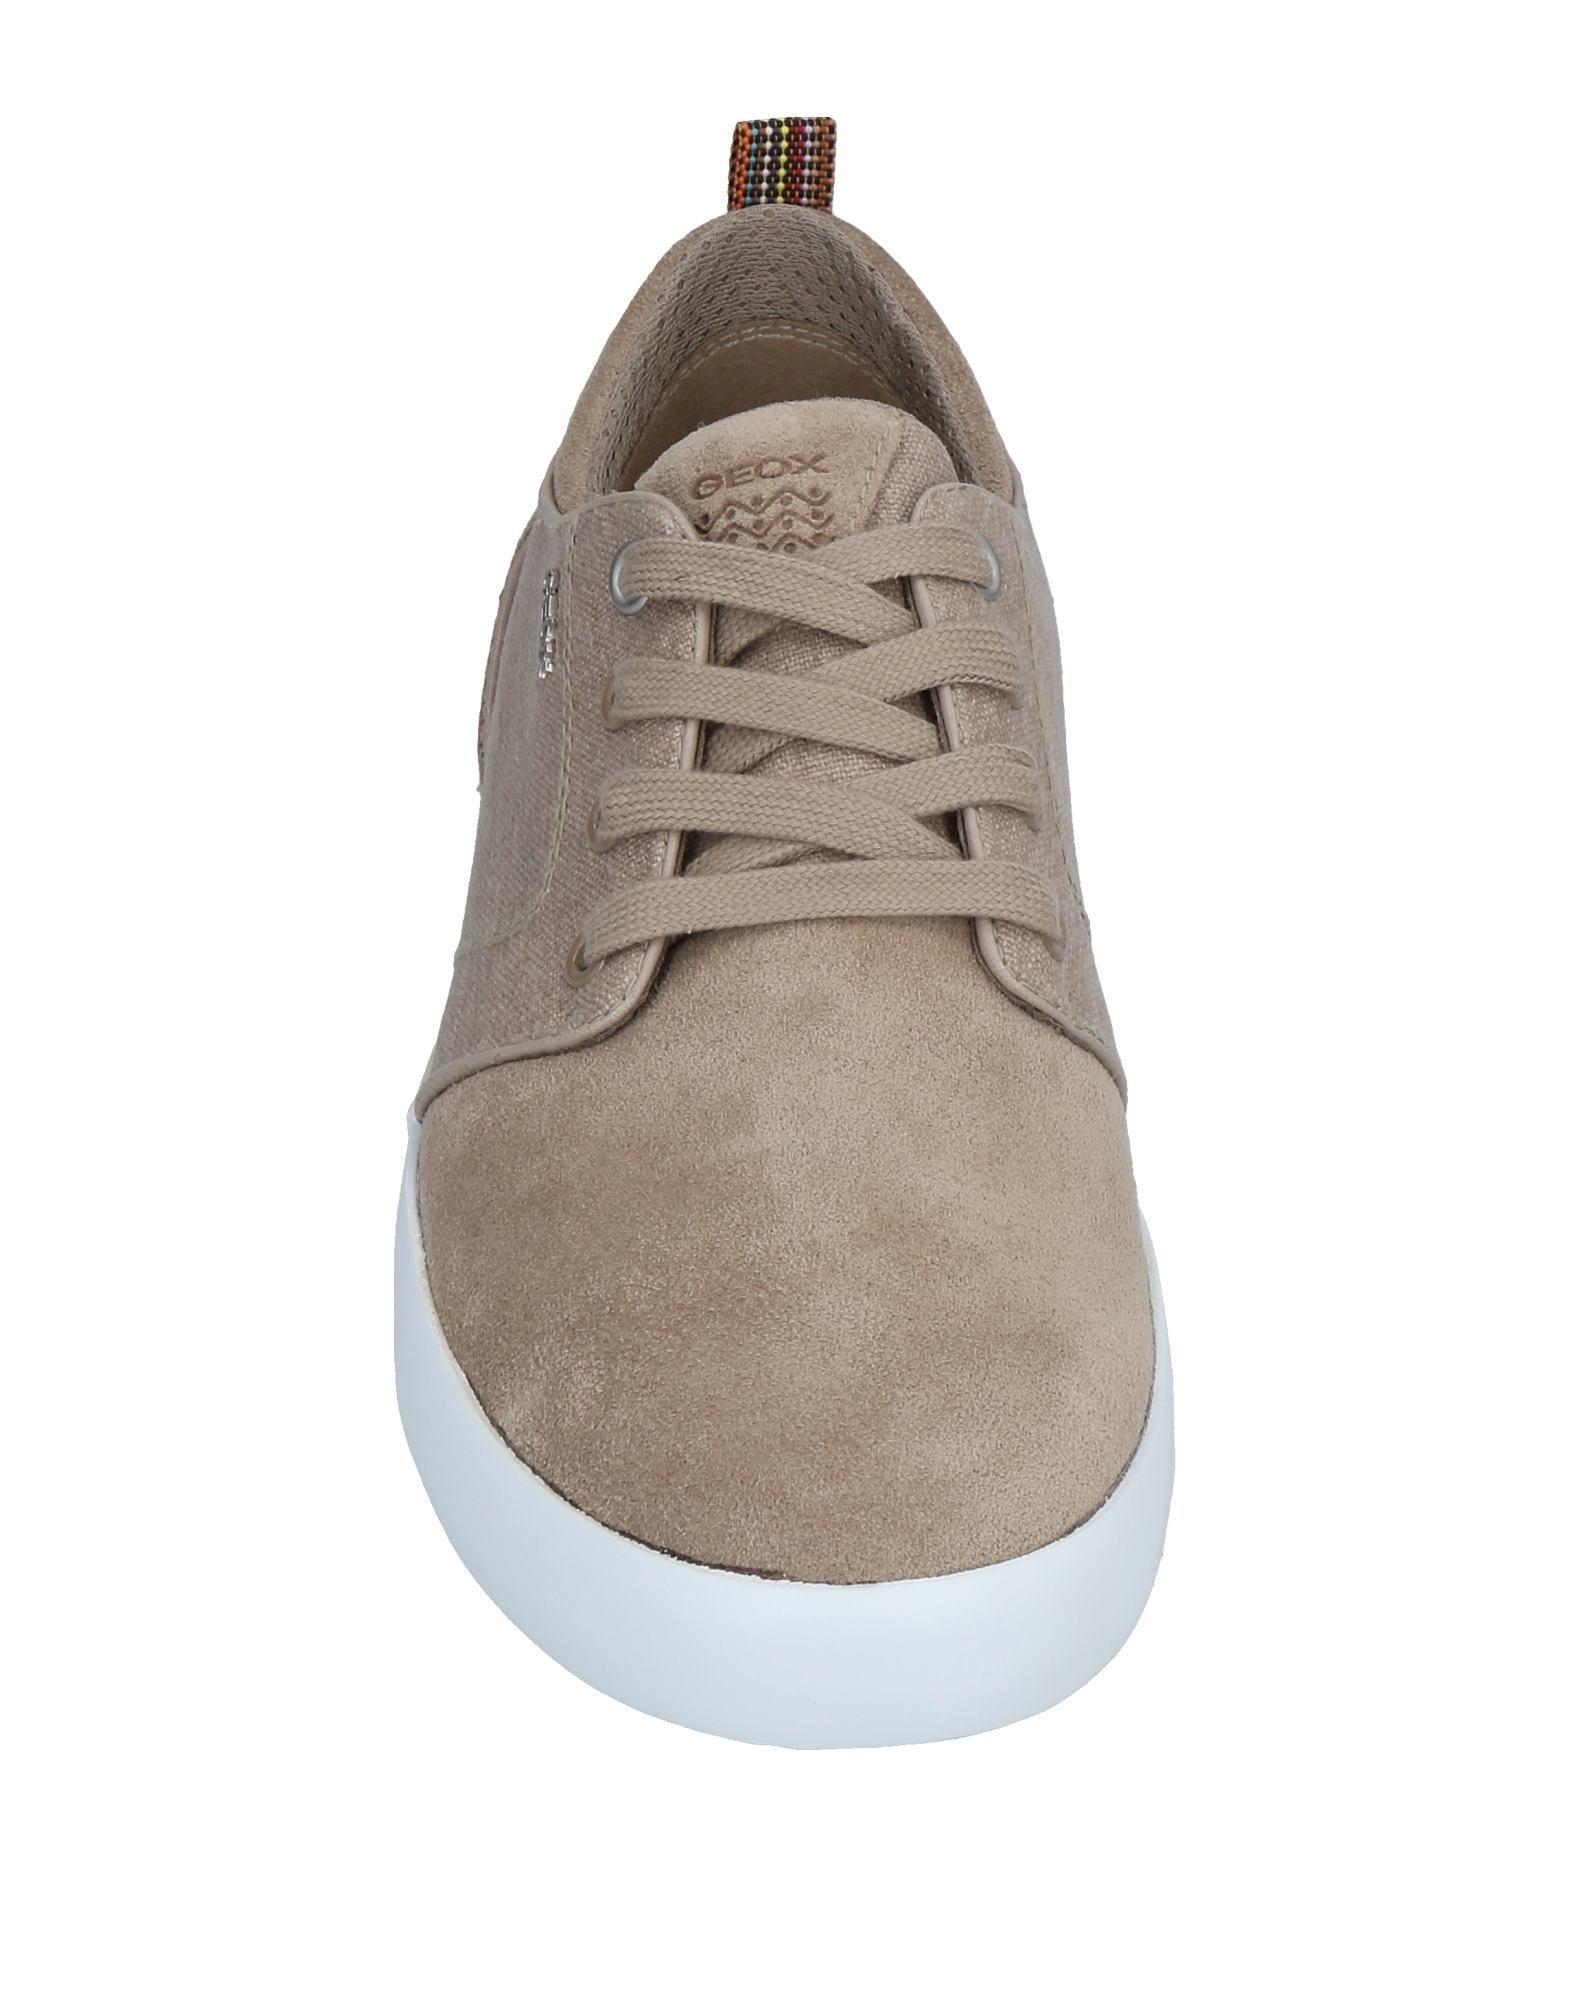 Rabatt Geox echte Schuhe Geox Rabatt Sneakers Herren  11479506PG 9a06bf